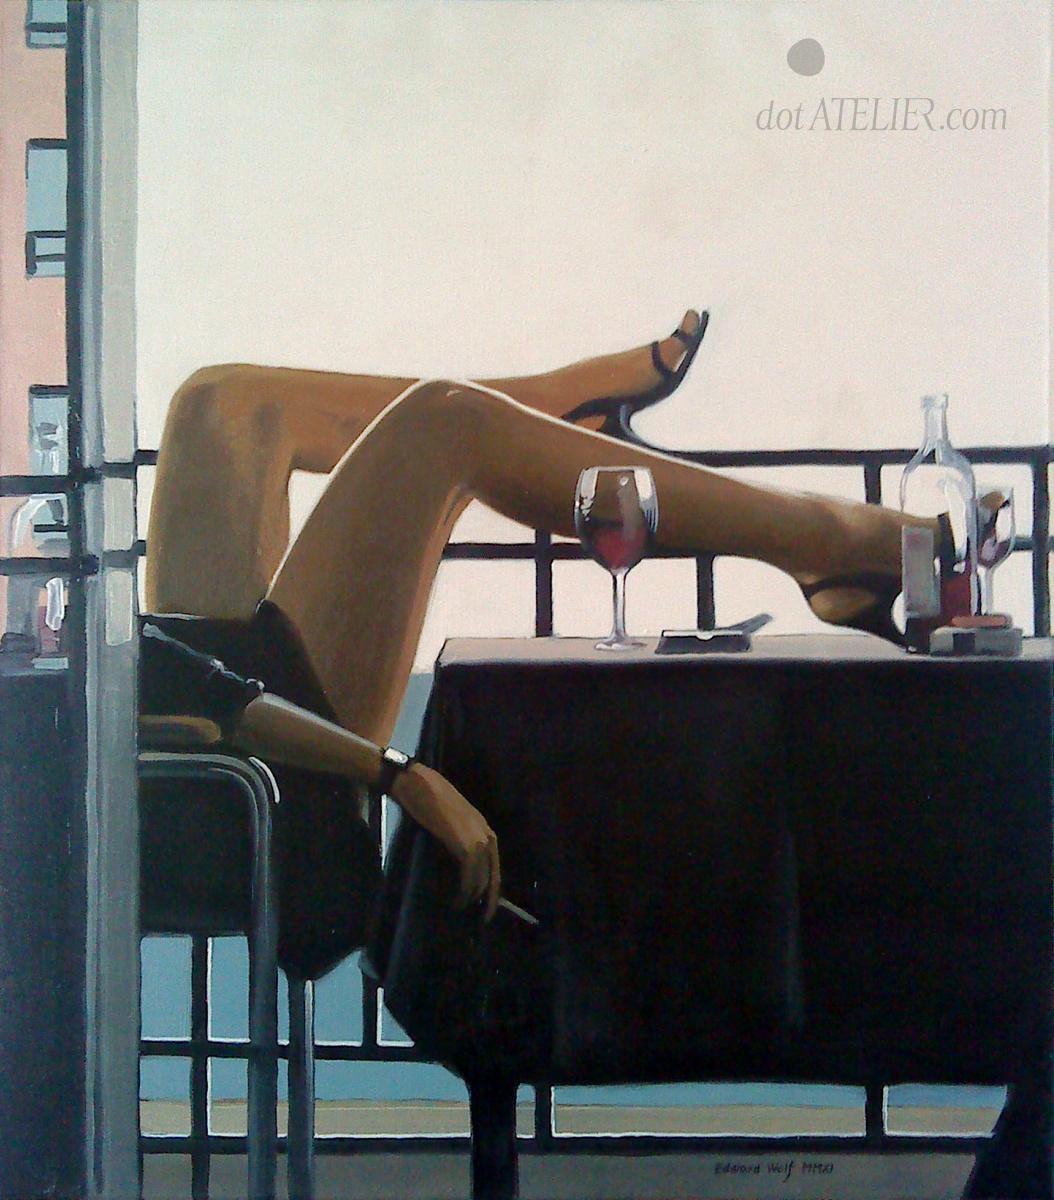 Morning legs Vettriano The Temptress